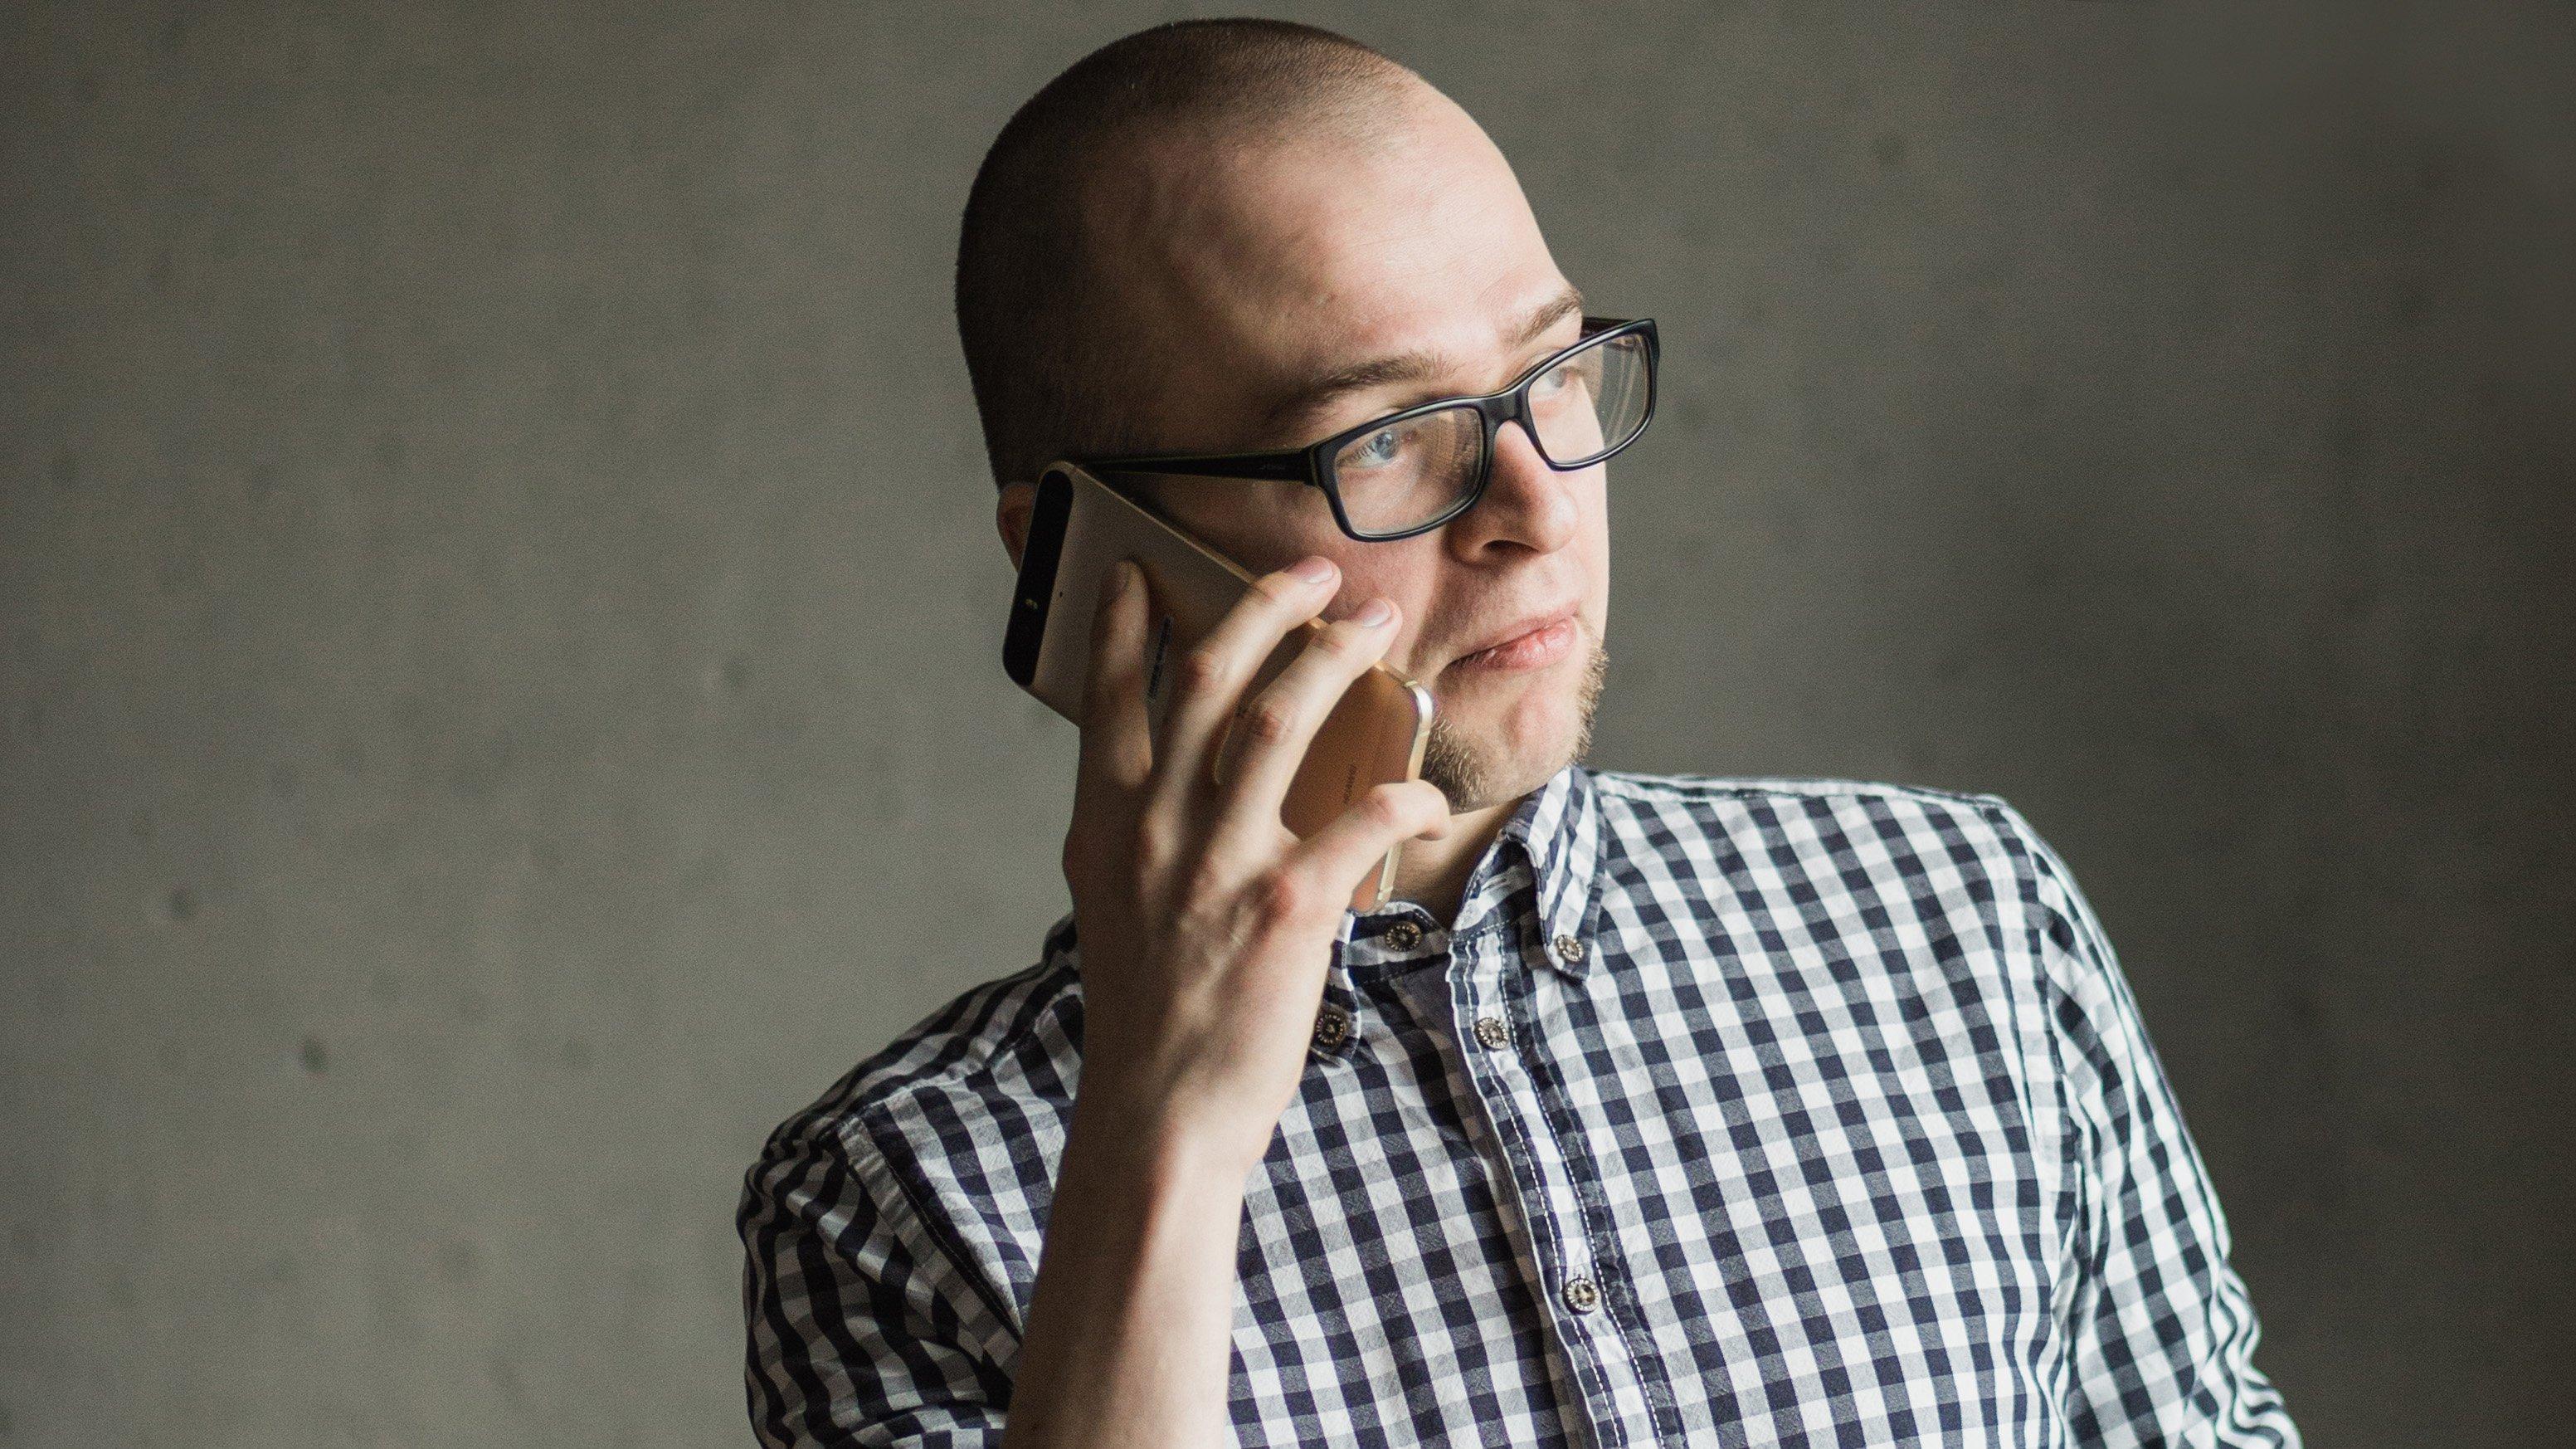 Addio roaming intenazionale da oggi comunicare in europa for Addio roaming